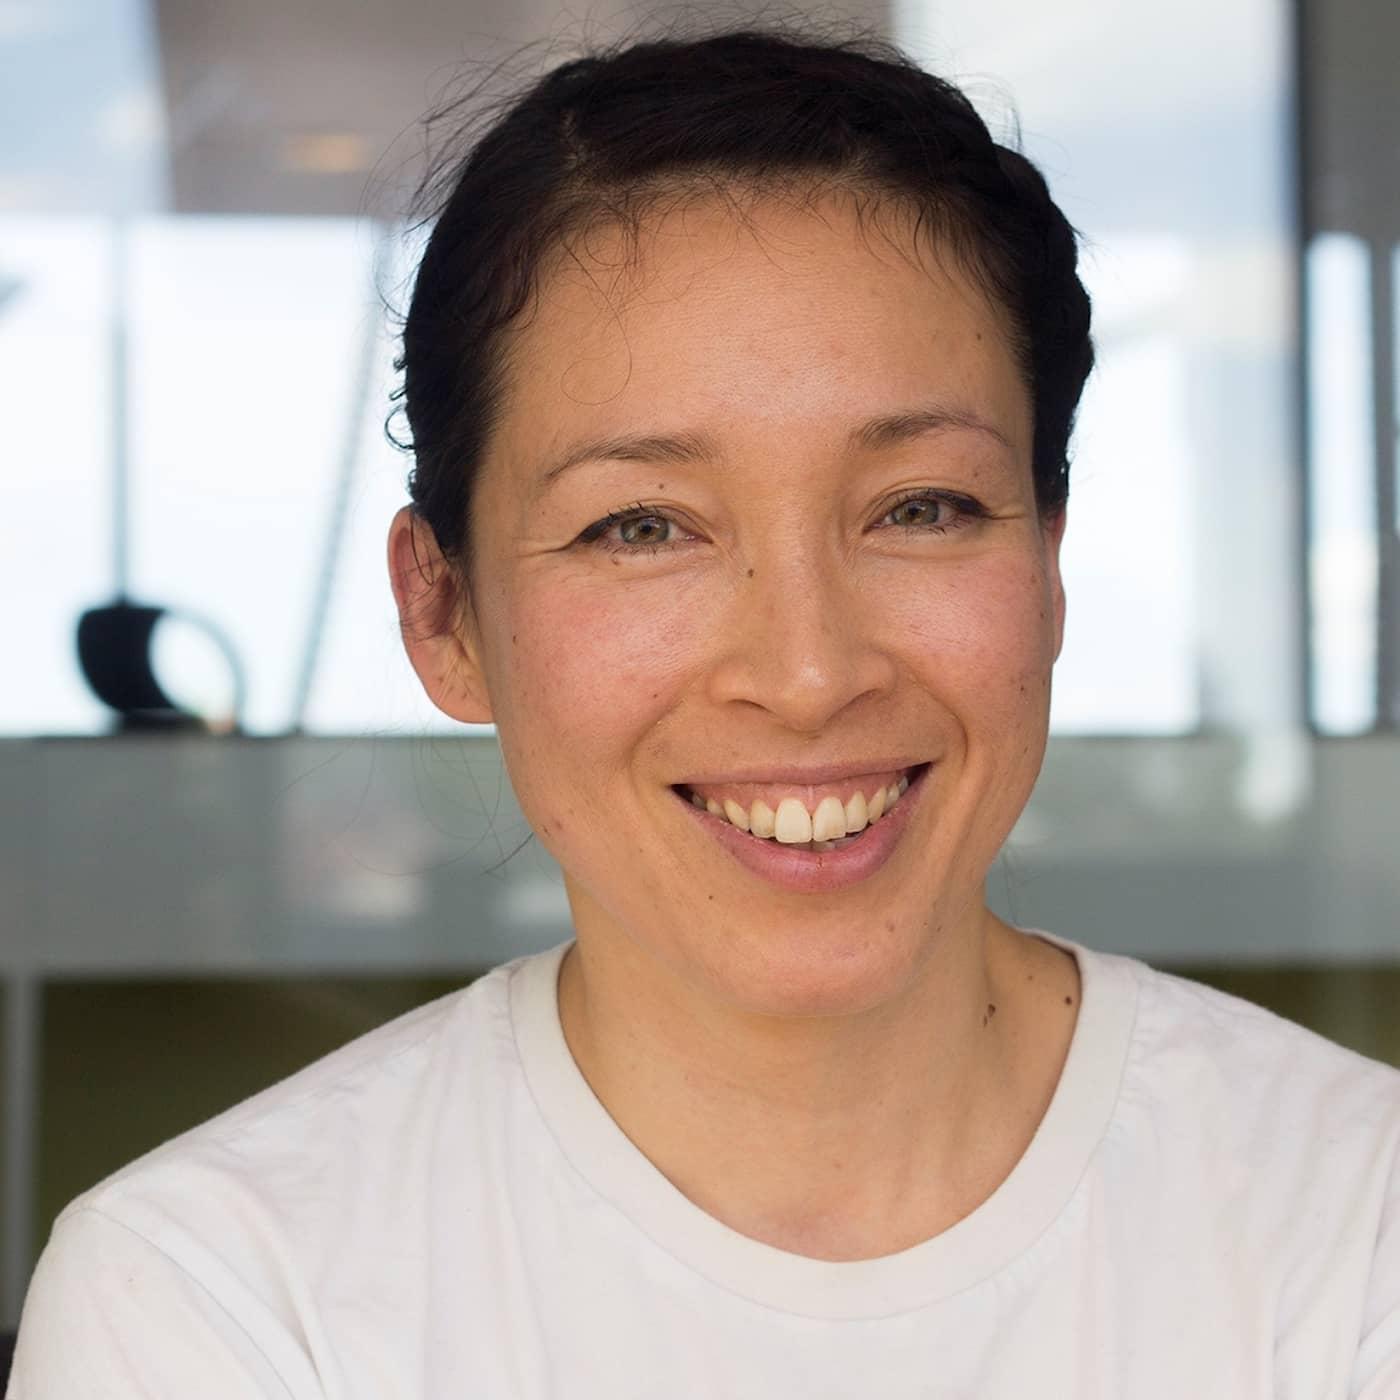 Yukimi Nagano: Jag blev skyldig skivbolaget 300 000 kronor